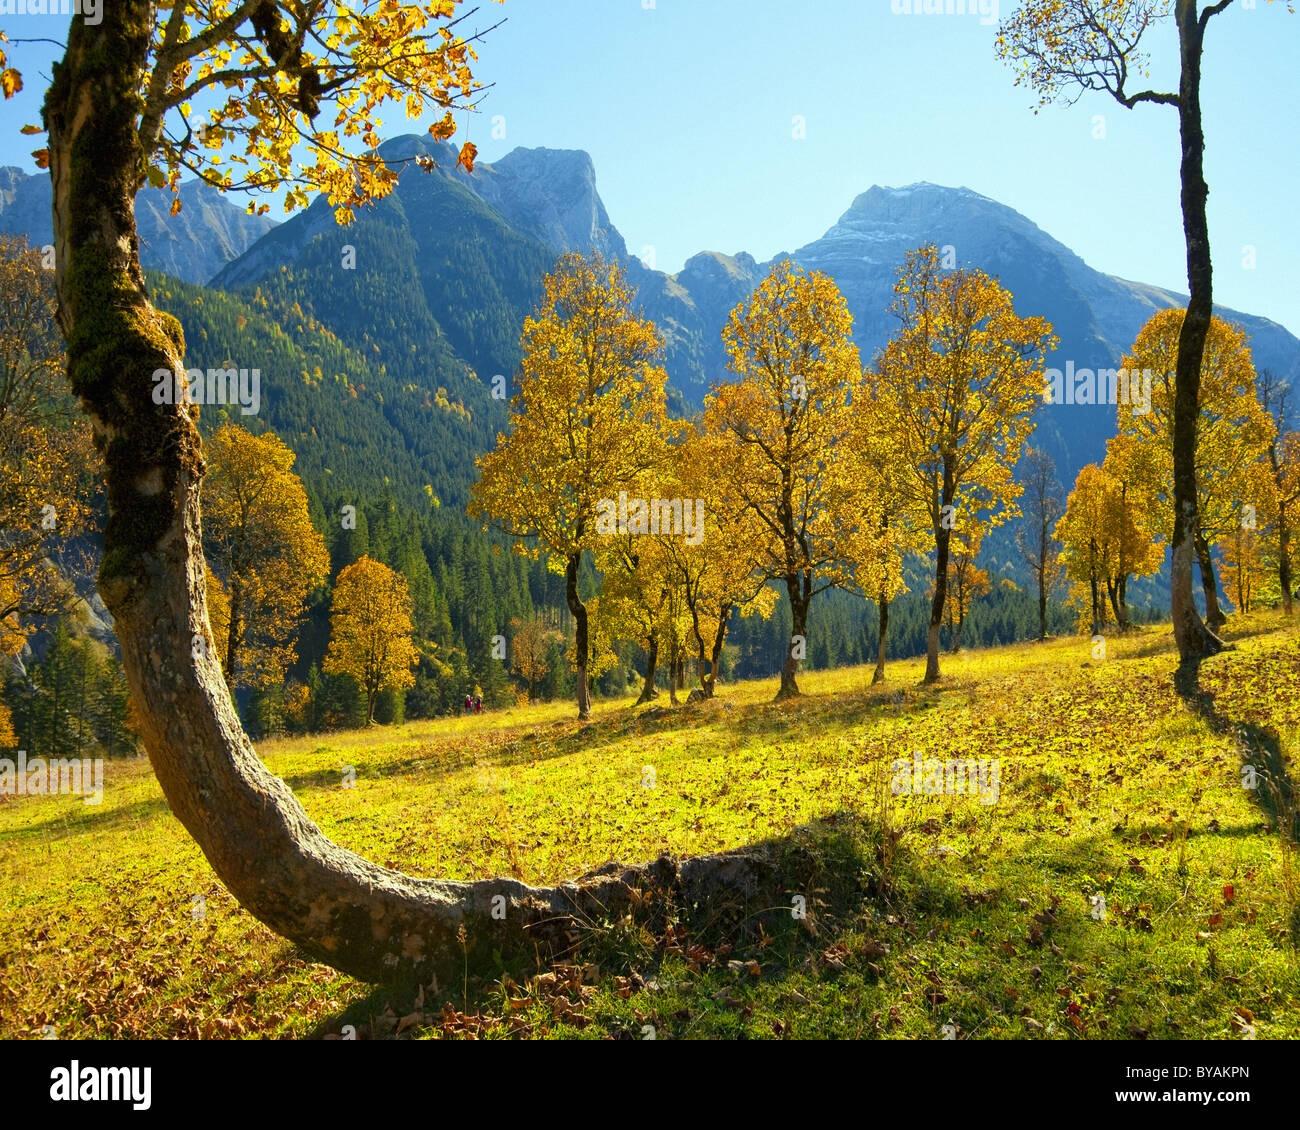 A - Tirol: Grosser Ahornboden Imagen De Stock